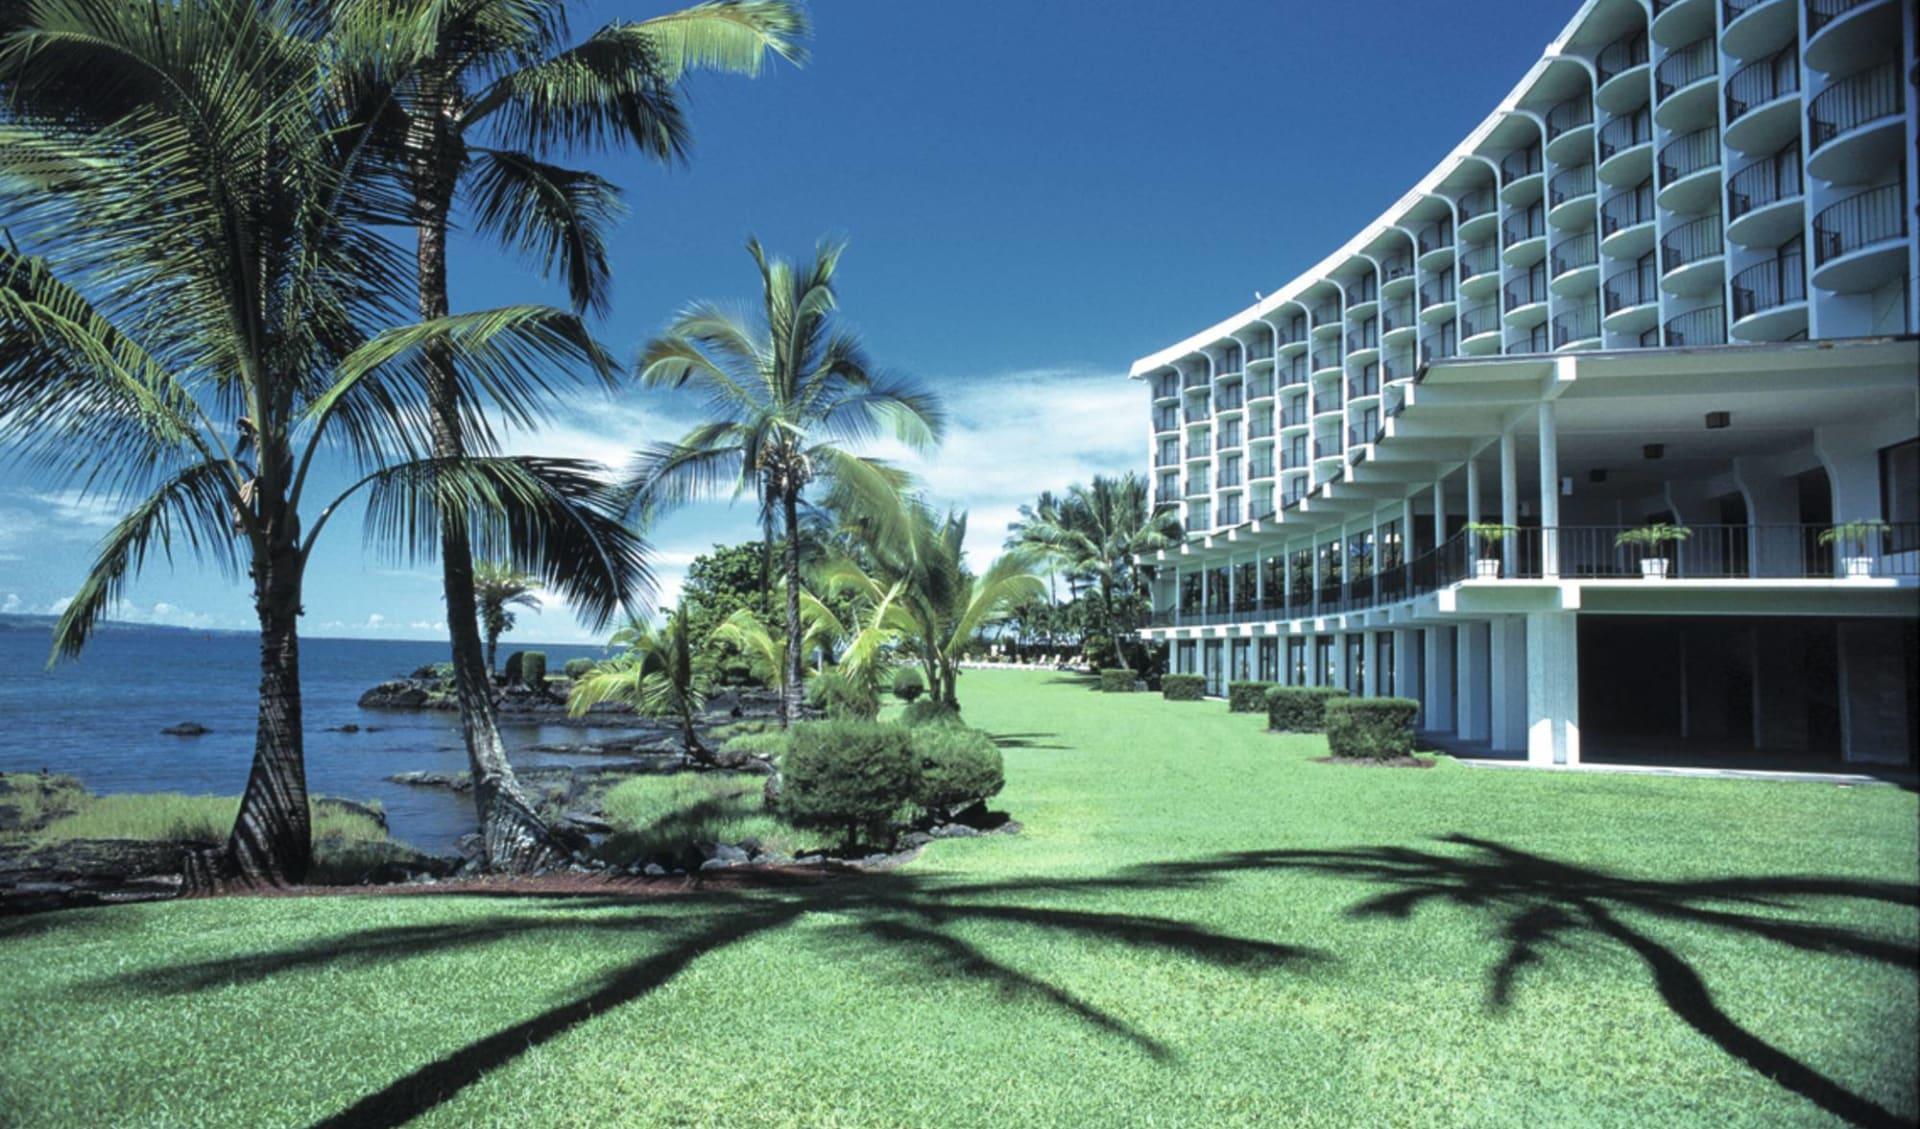 Hilo Hawaiian Hotel: facilities castle hilo hawaiian hotel garten meer palme